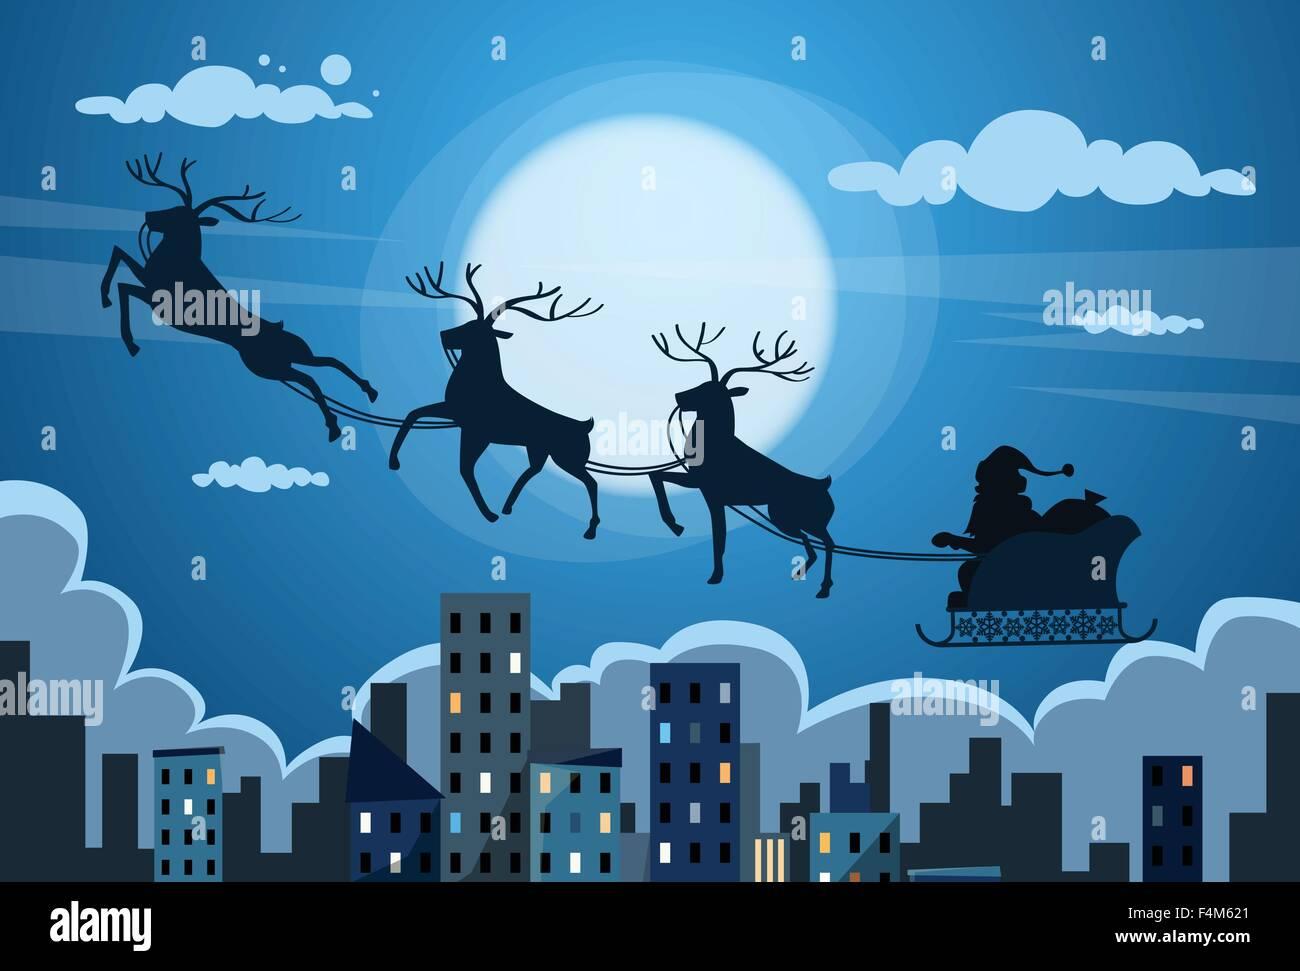 Babbo Natale con la slitta le renne volare cielo sopra la città di notte grattacielo paesaggio urbano in vista Immagini Stock